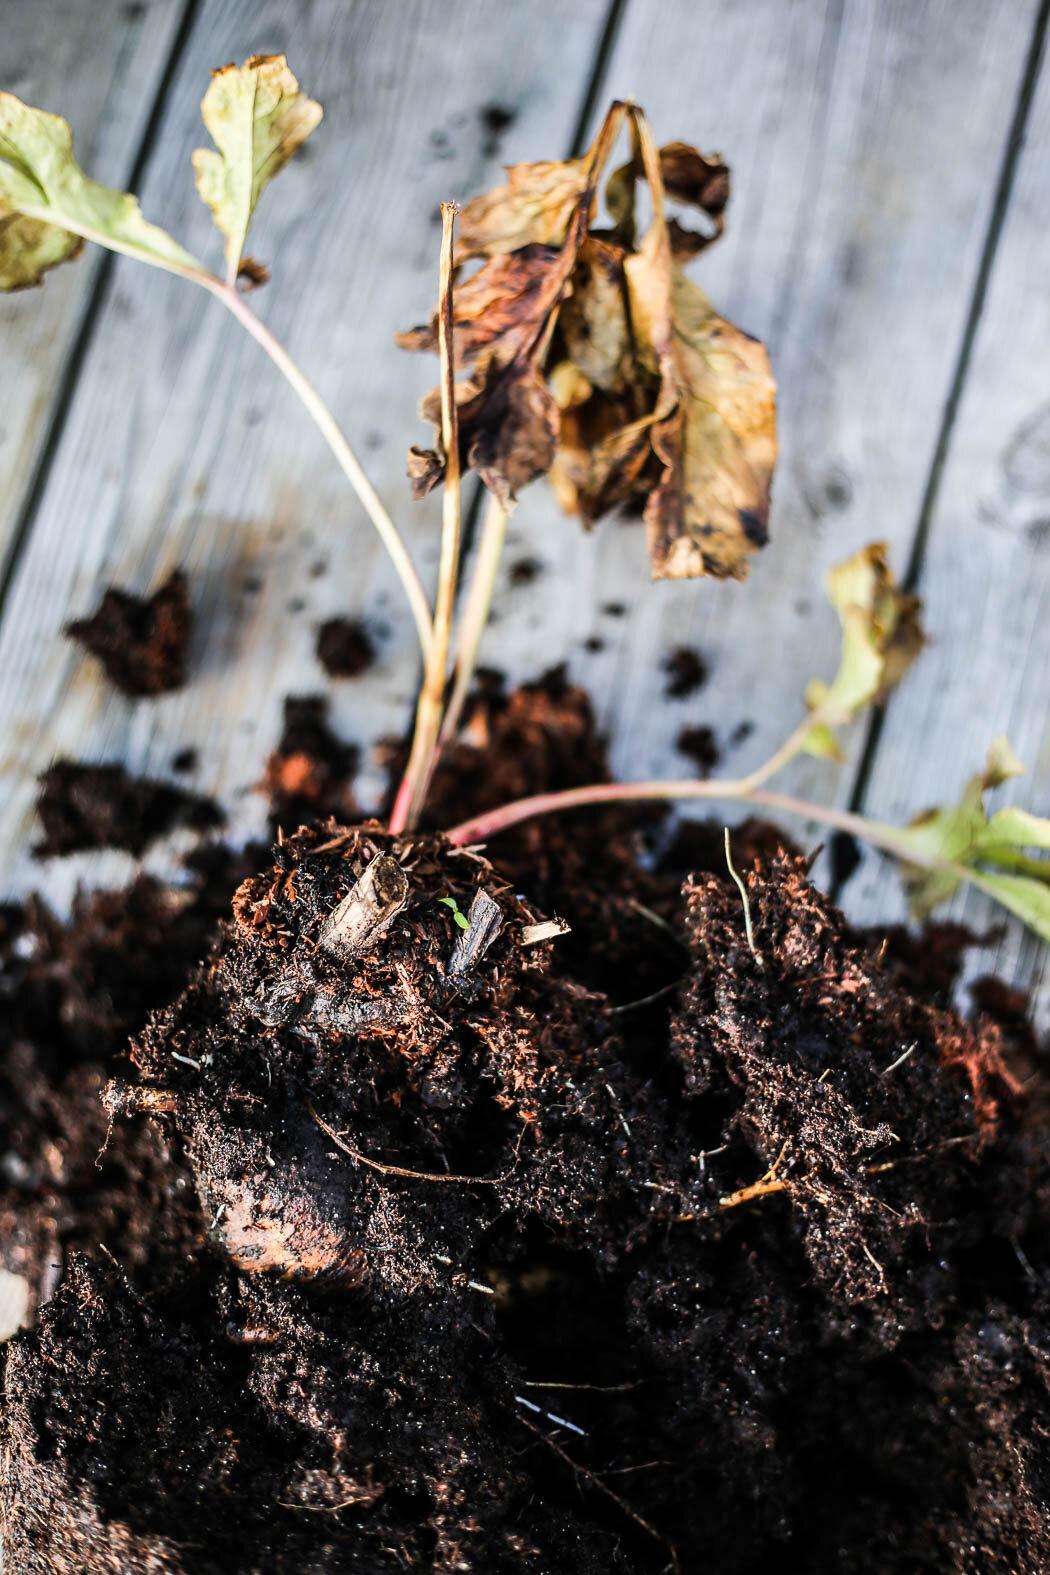 Även om pionens blad är nervissnade och den ser lite skruttig ut är knölen spänstig och fin. Kontrollera detta innan du köper på plantskolan.